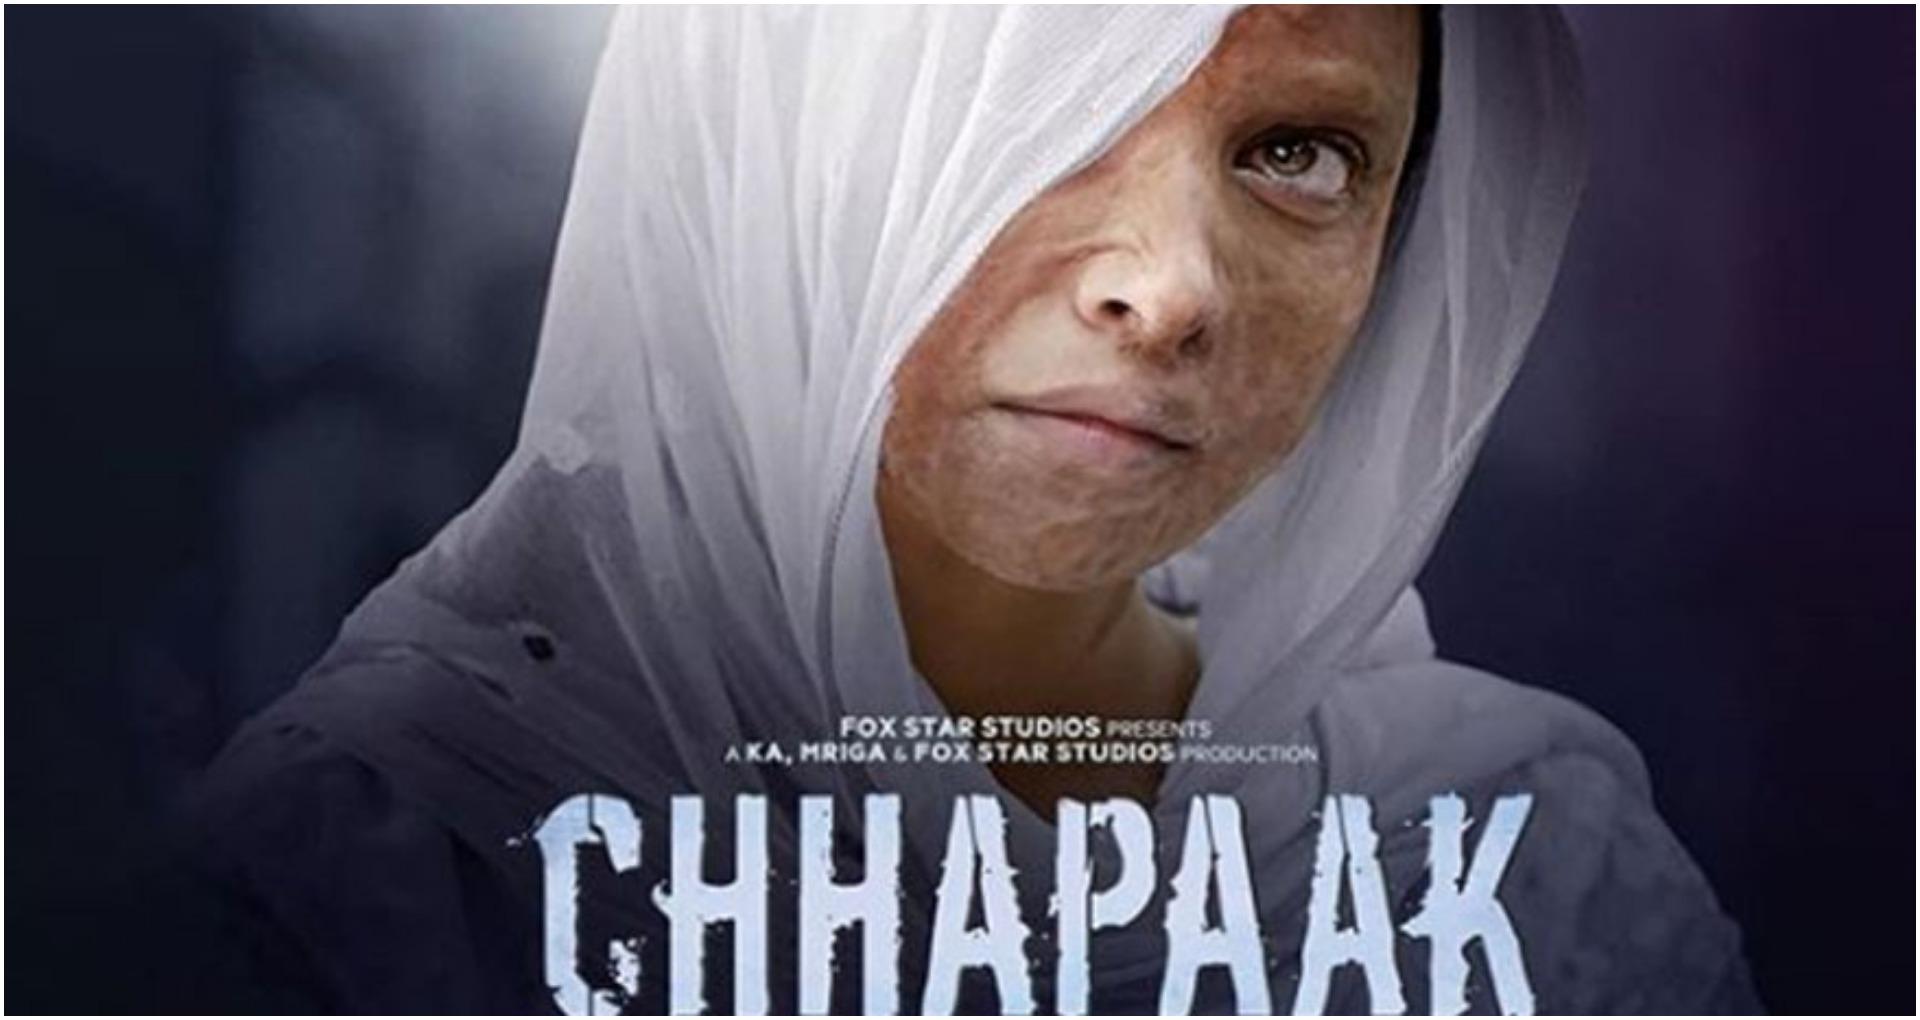 Chhapaak Box Office 10 day Collection: 'छपाक' की कमाई की रफ्तार हुई और कम, कमाए इतने करोड़